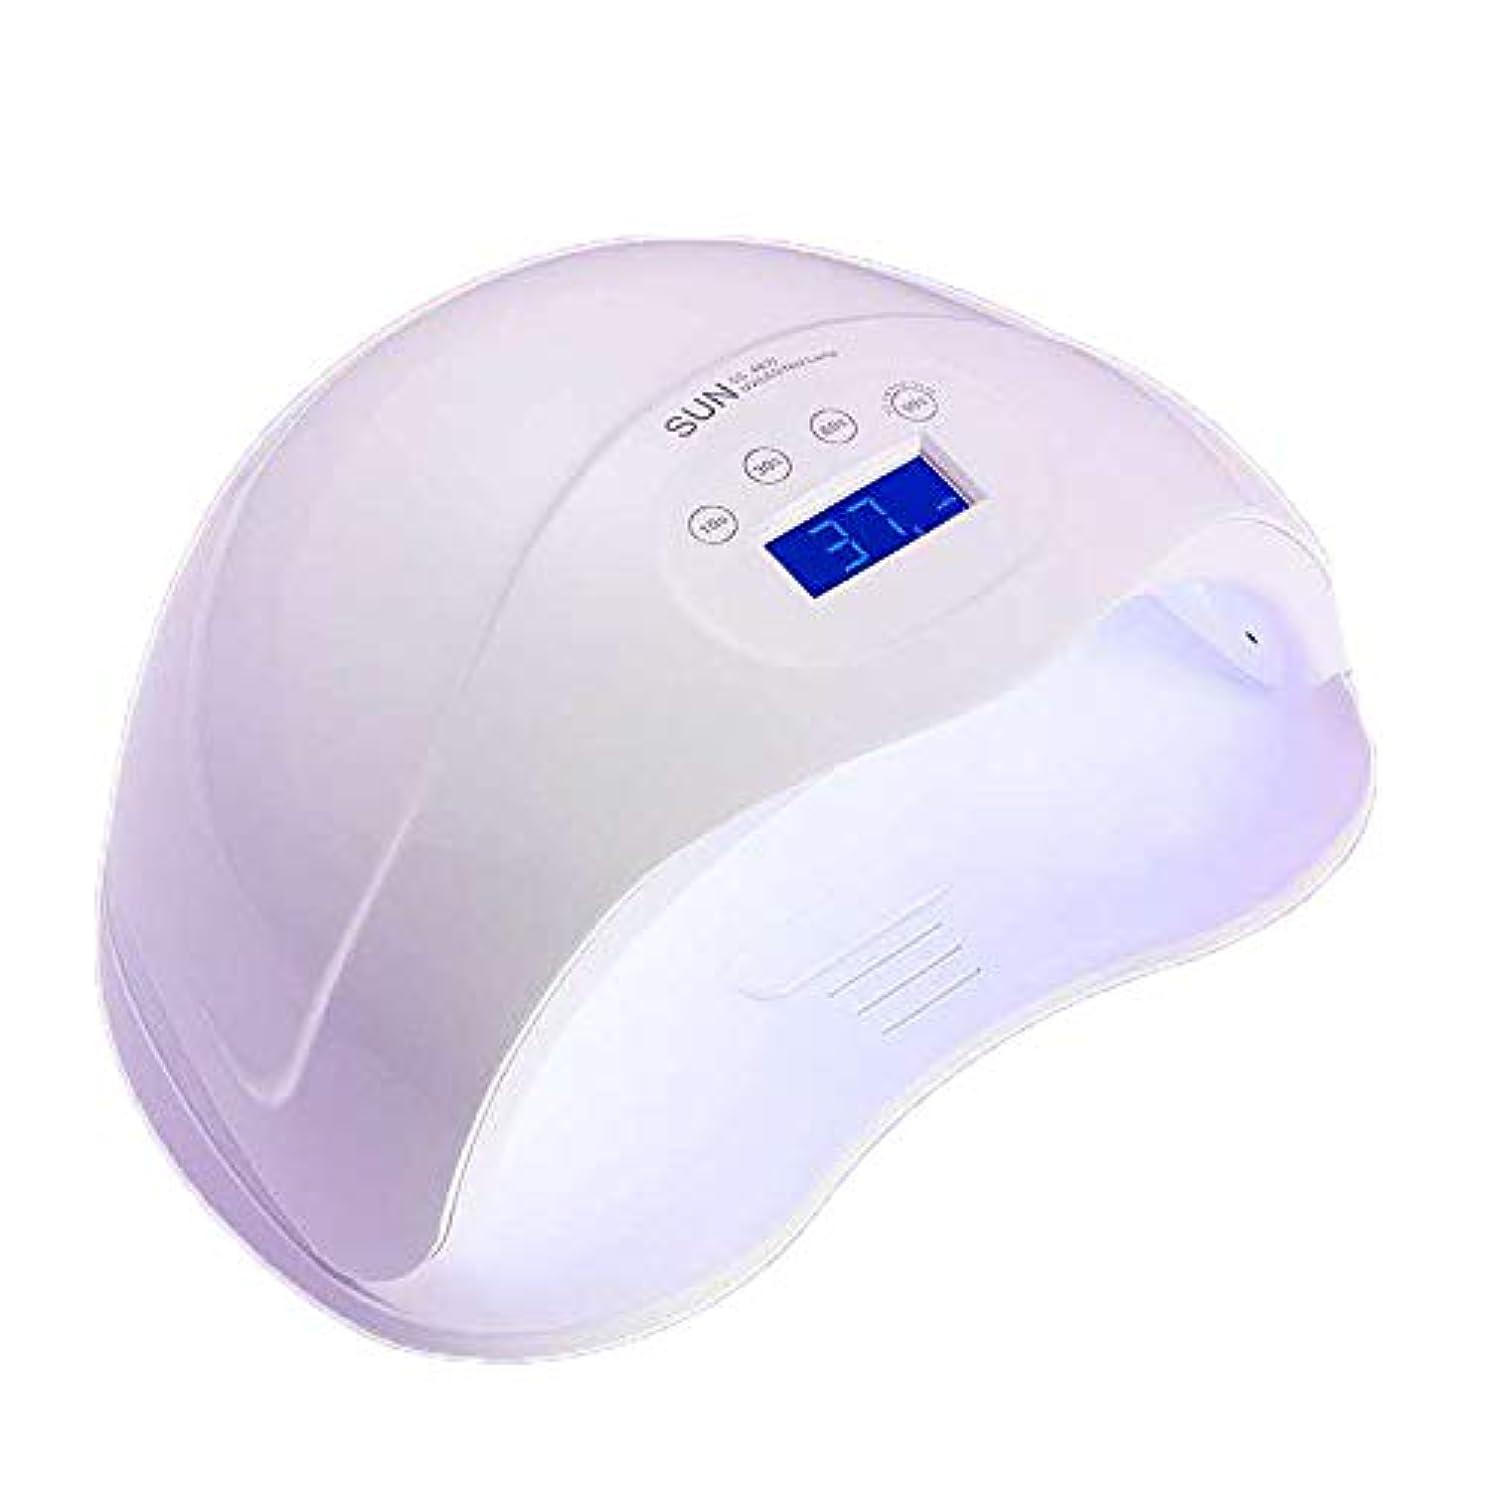 パドル校長インタビューネイルライト48W、UV/LEDネイルドライヤー痛みのない硬化光自動誘導LEDディスプレイ3タイマーセットネイルとトーネイルジェルポリッシュ